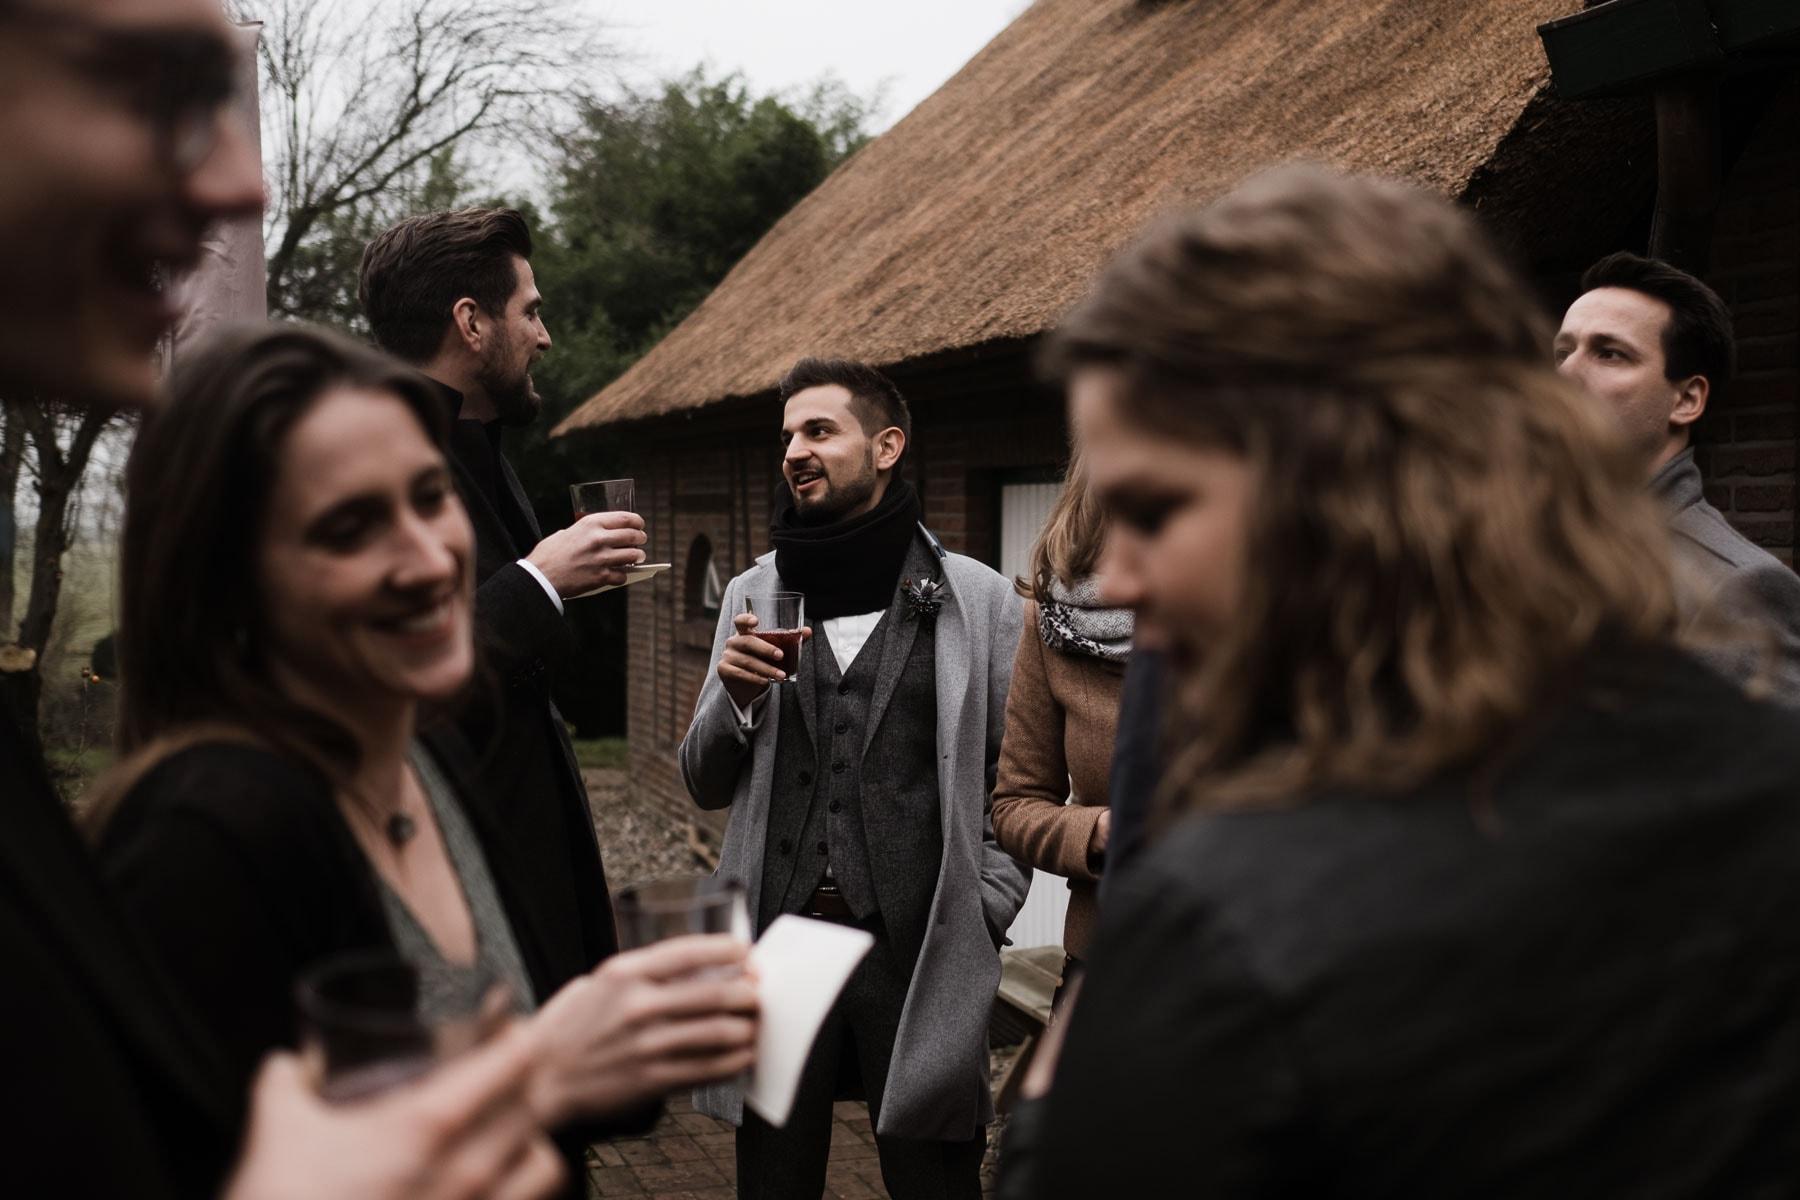 draußen vor einem Landhaus steht ein Bräutigam mit seinen Gästen, sie alle haben Becher mit Punsch in den Händen, sie unterhalten sich